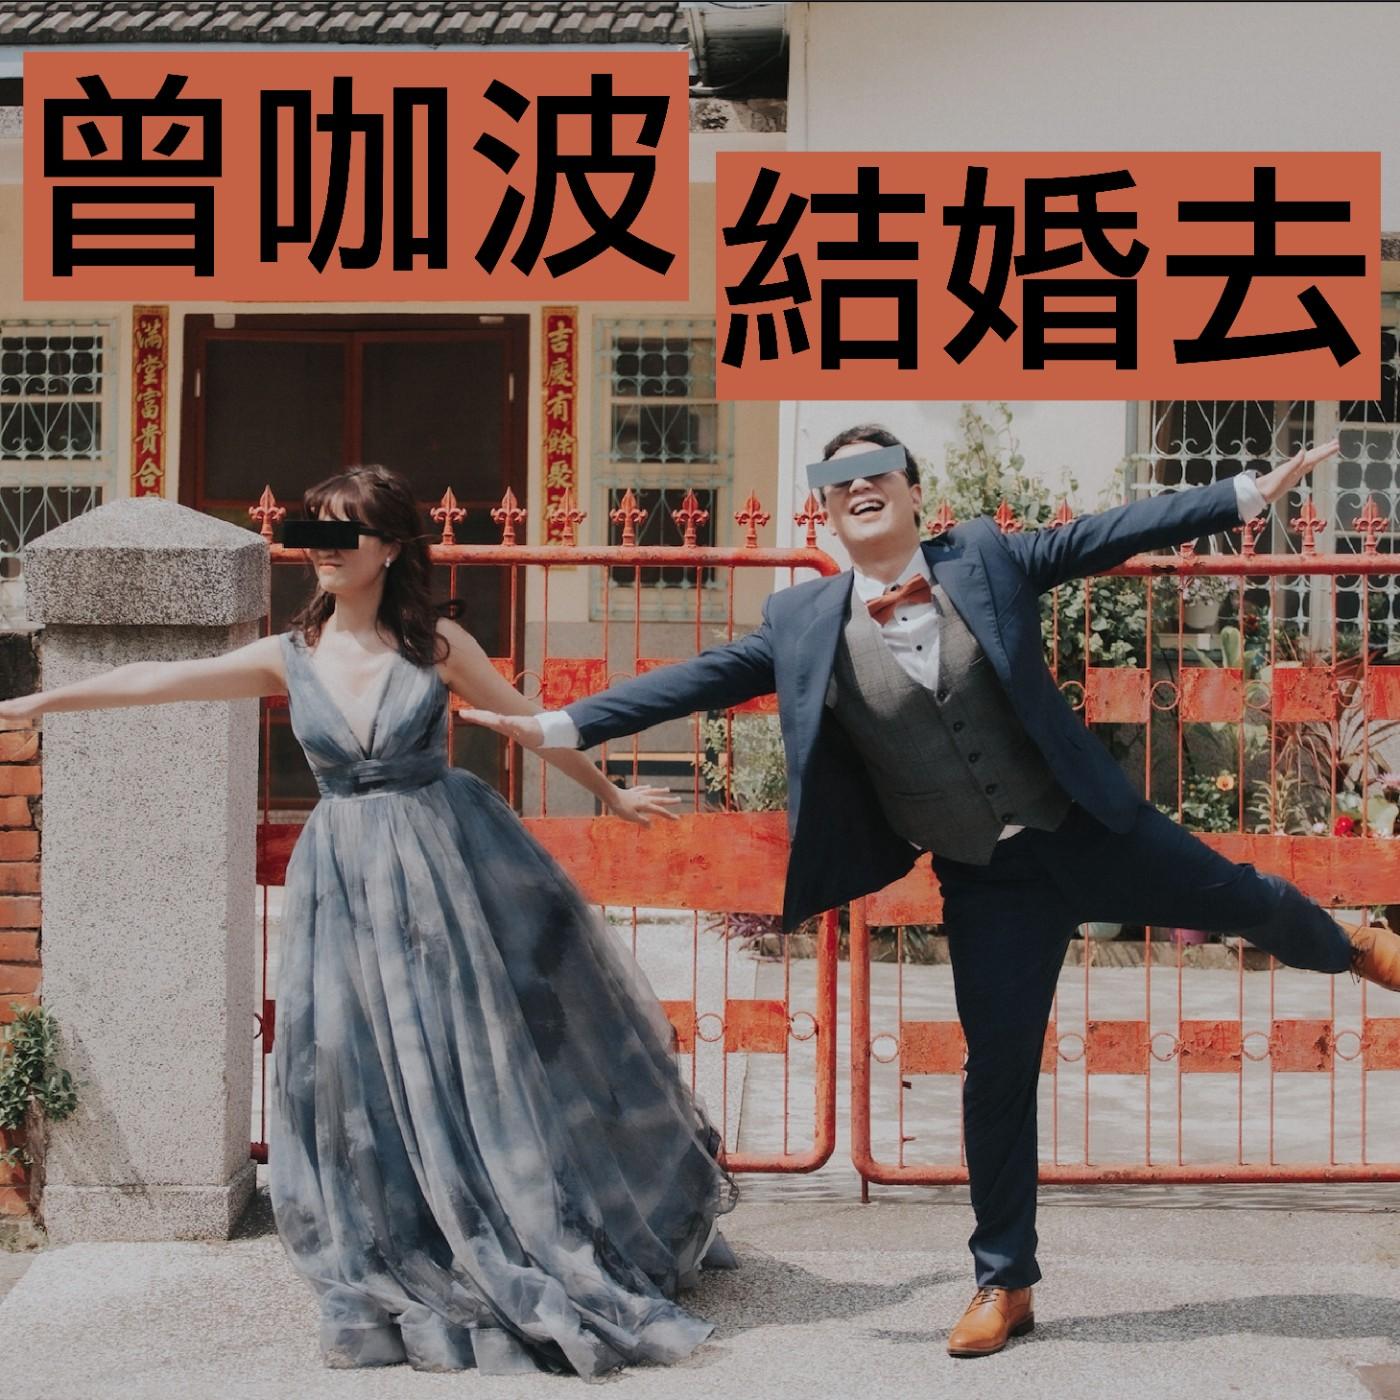 【拍照篇-曾咖波結婚去】最有台南味的婚紗怎麼拍 |EP17